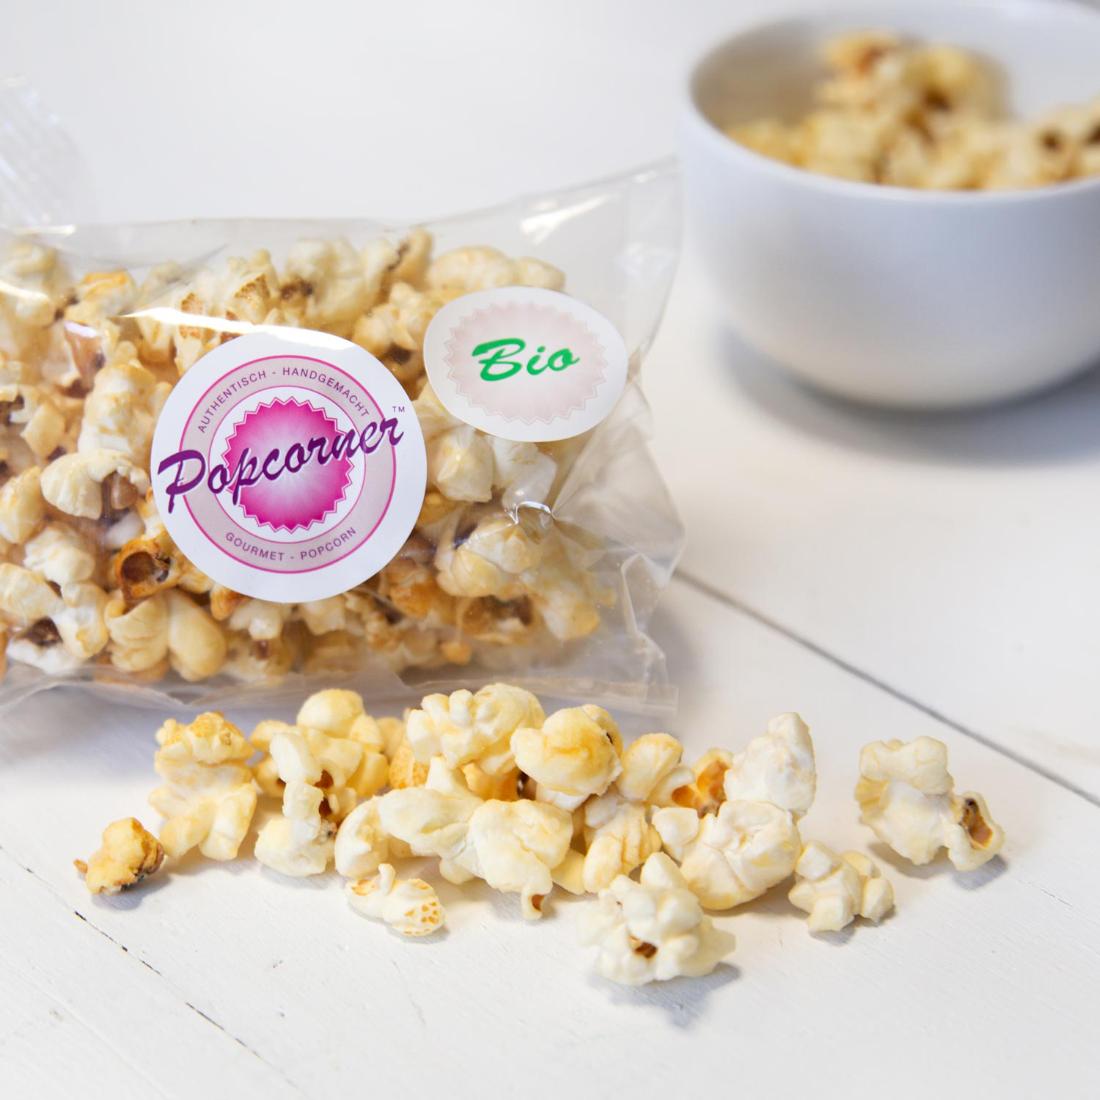 Bio Popcorn Adventskalender 2020 von Royal Nature